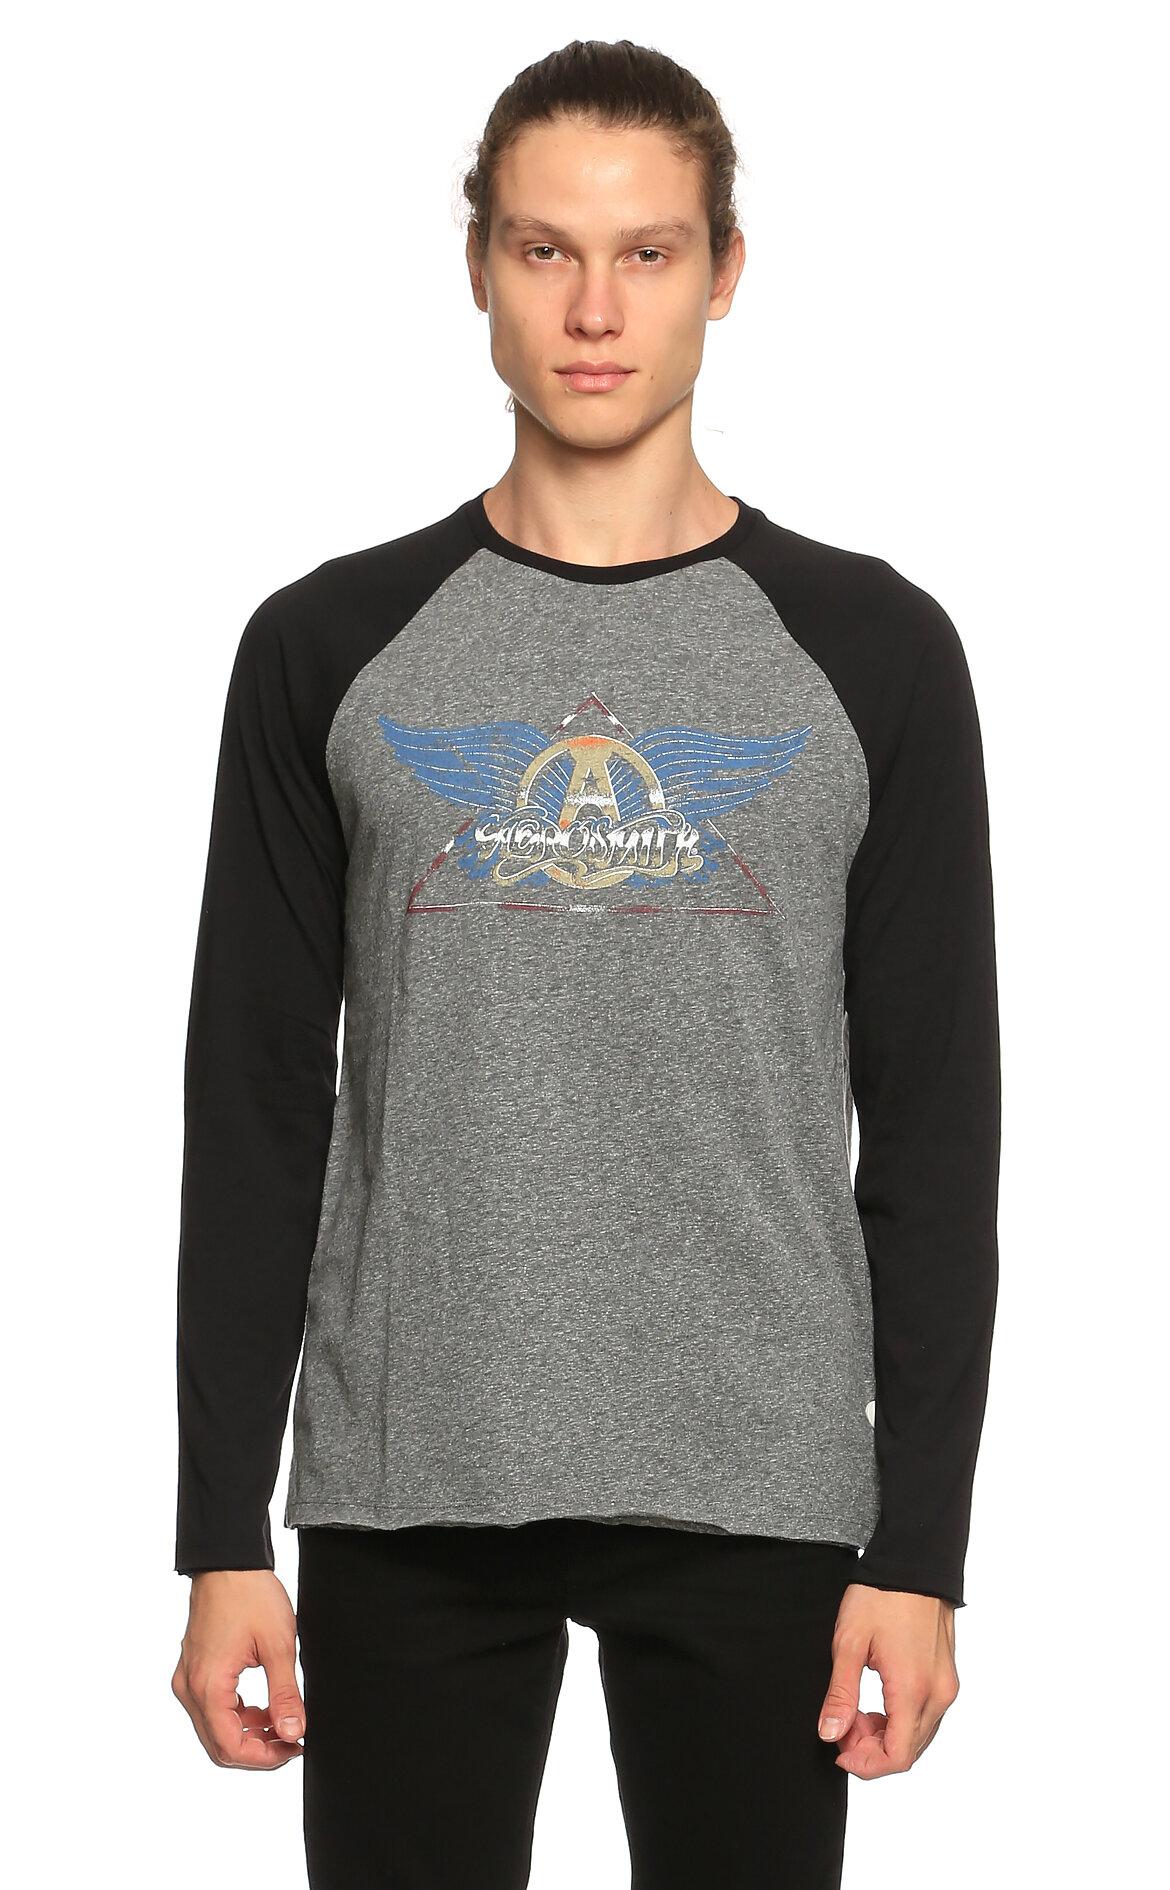 John Varvatos USA-John Varvatos Usa Baskı Desen Uzun Kollu Gri T-Shirt